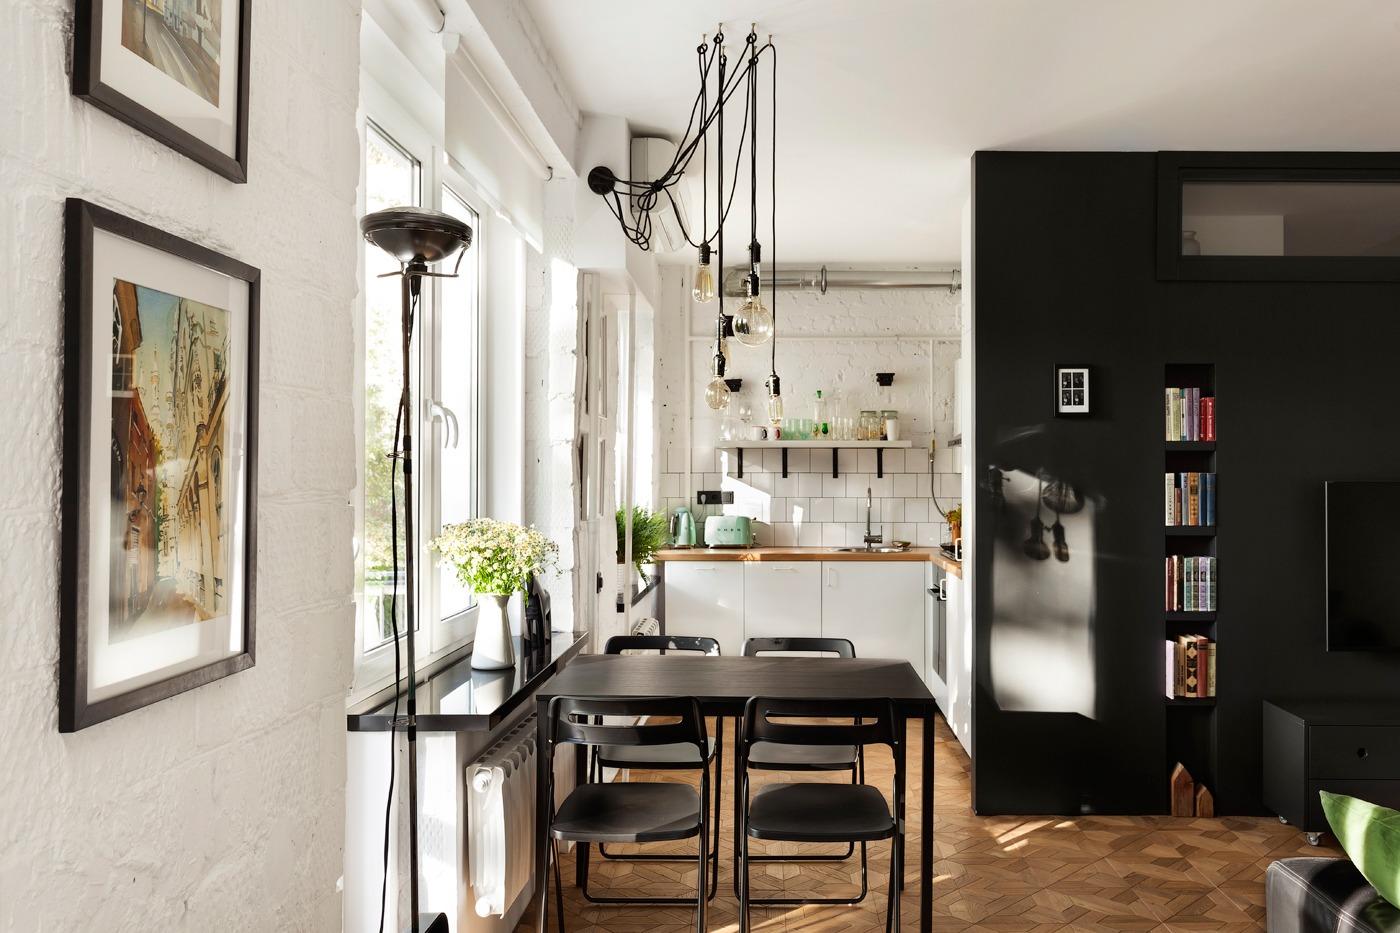 nhà bếp cho thấy các thiết bị tuyệt đẹp lấy cảm hứng từ cổ điển của Smeg. Hệ thống đèn chiếu sáng công nghiệp cũng thích sự hồi sinh cổ xưa - những sợi dây có khả năng nhìn thấy rõ thu hút sự chú ý ngay lập tức, trong khi bóng đèn Edison cung cấp ánh sáng dịu nhẹ không lấn át các giác quan.